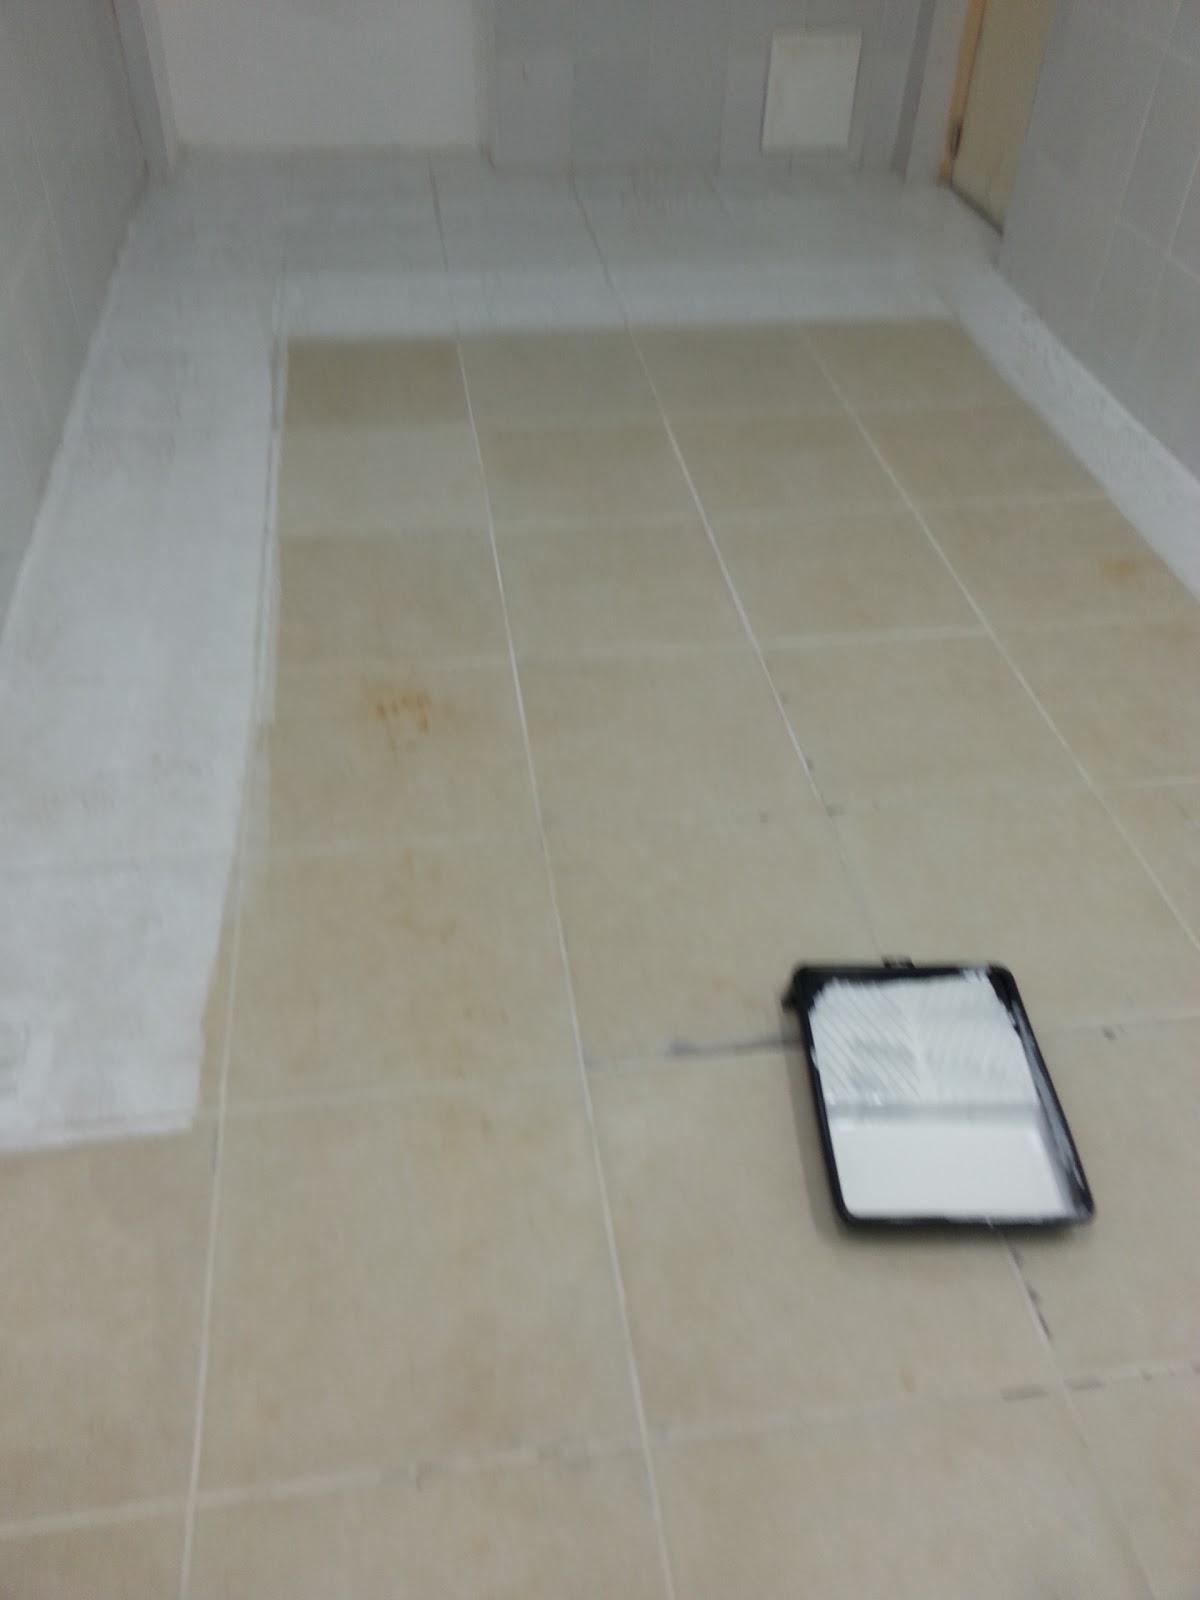 Pintura piso porcelanato cozinha tinta especial poliuretano anti derrapante 05 cinco anos de - Pintura para mosaicos piso ...